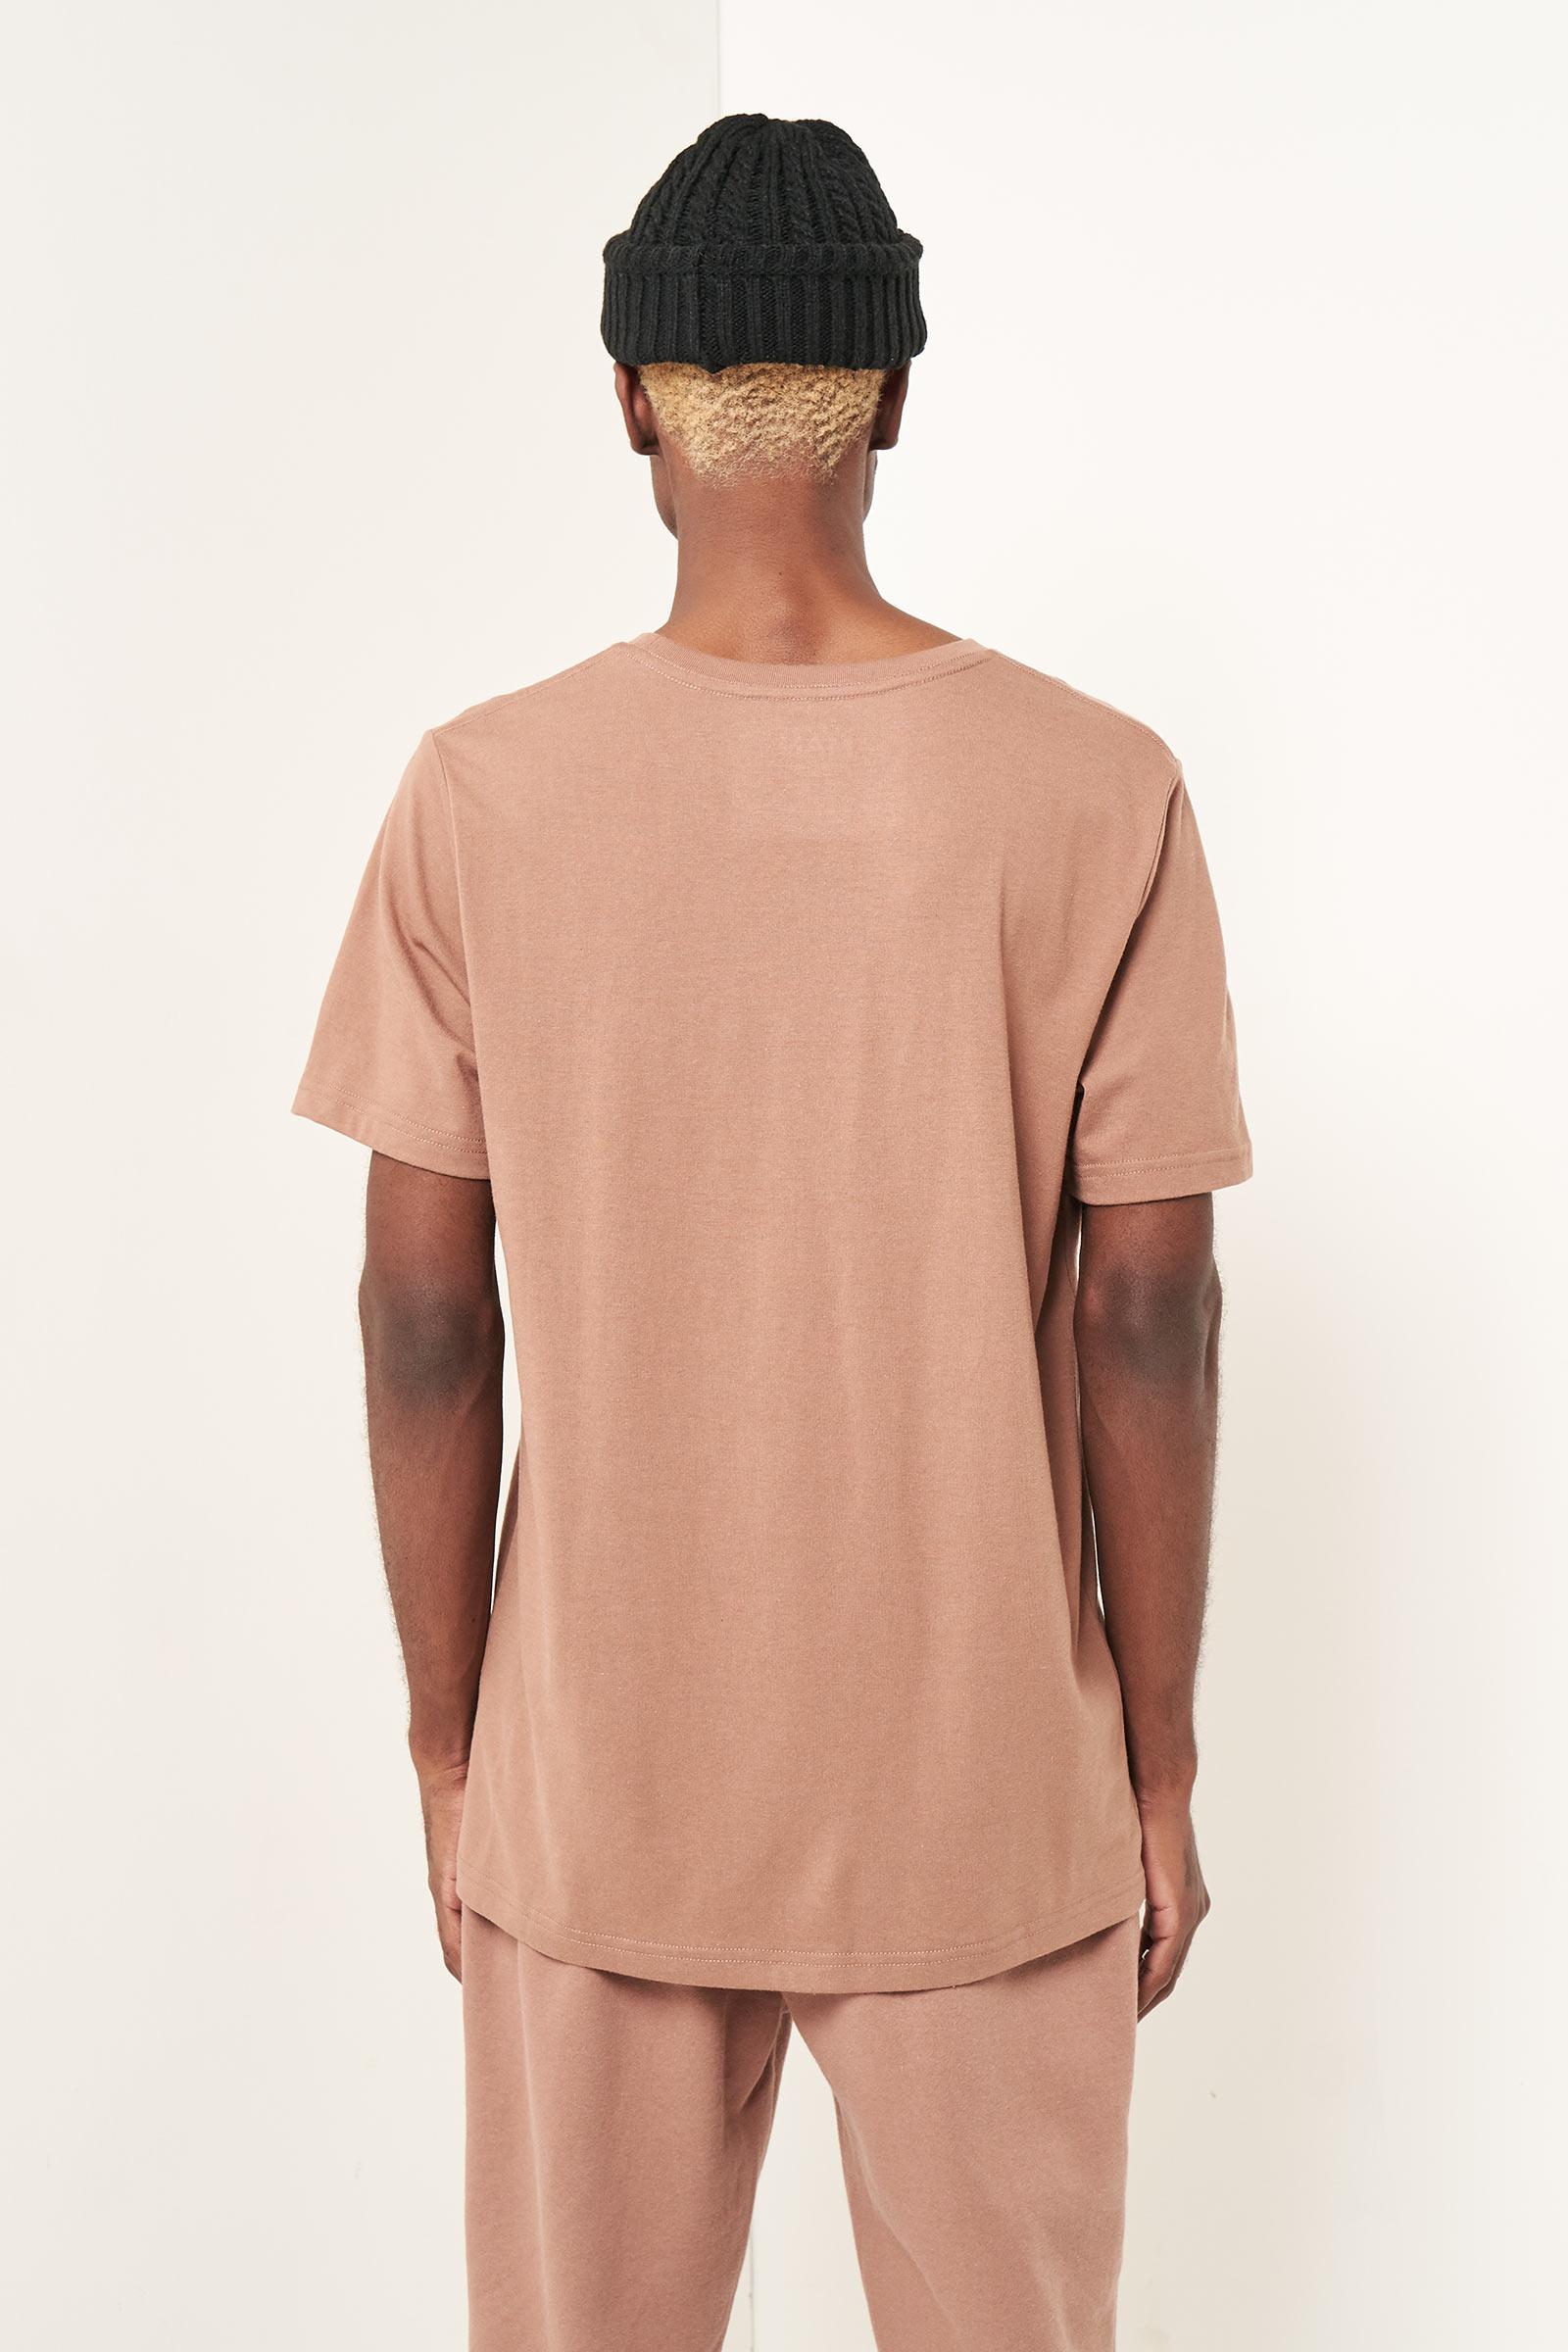 Le t-shirt parfait pour hommes